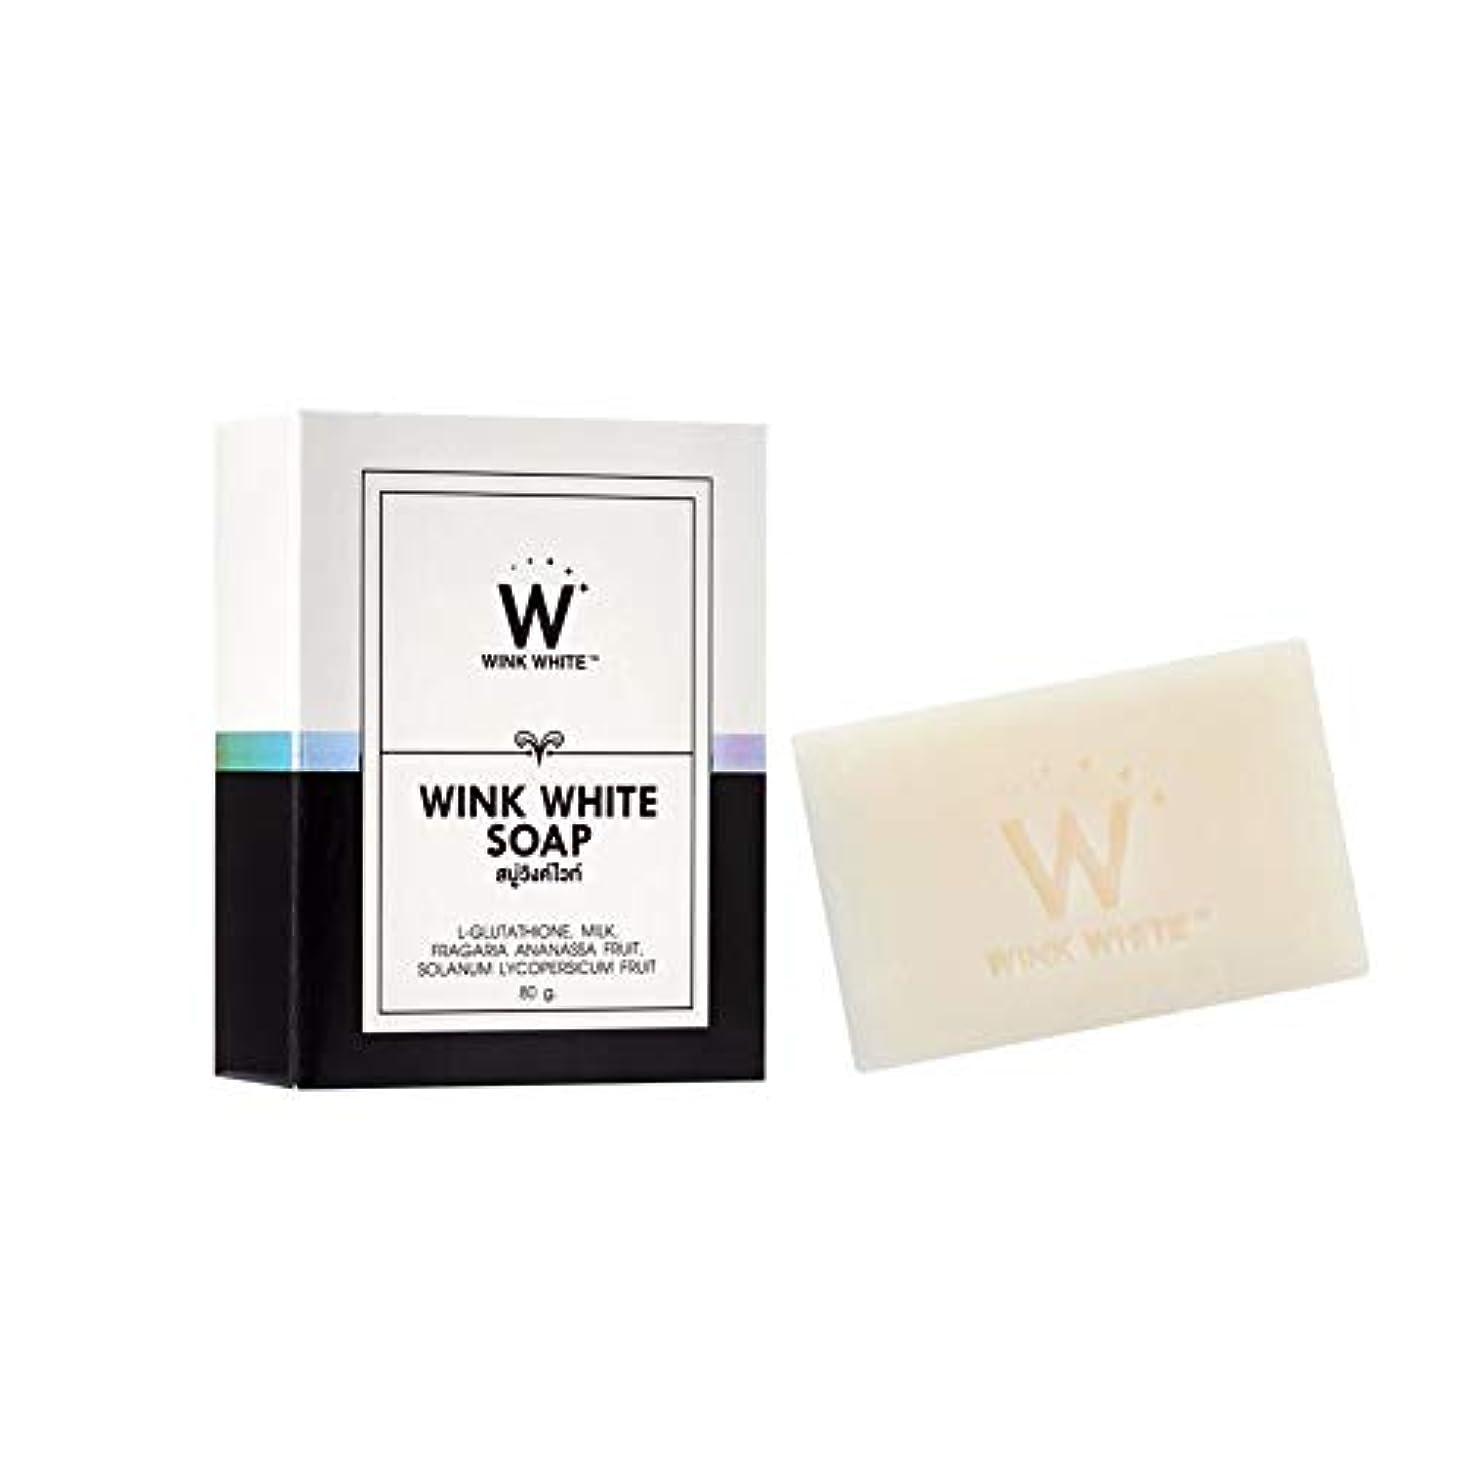 義務抽象行政Soap Net Nature White Soap Base Wink White Soap Gluta Pure Skin Body Whitening Strawberry for Whitening Skin All...